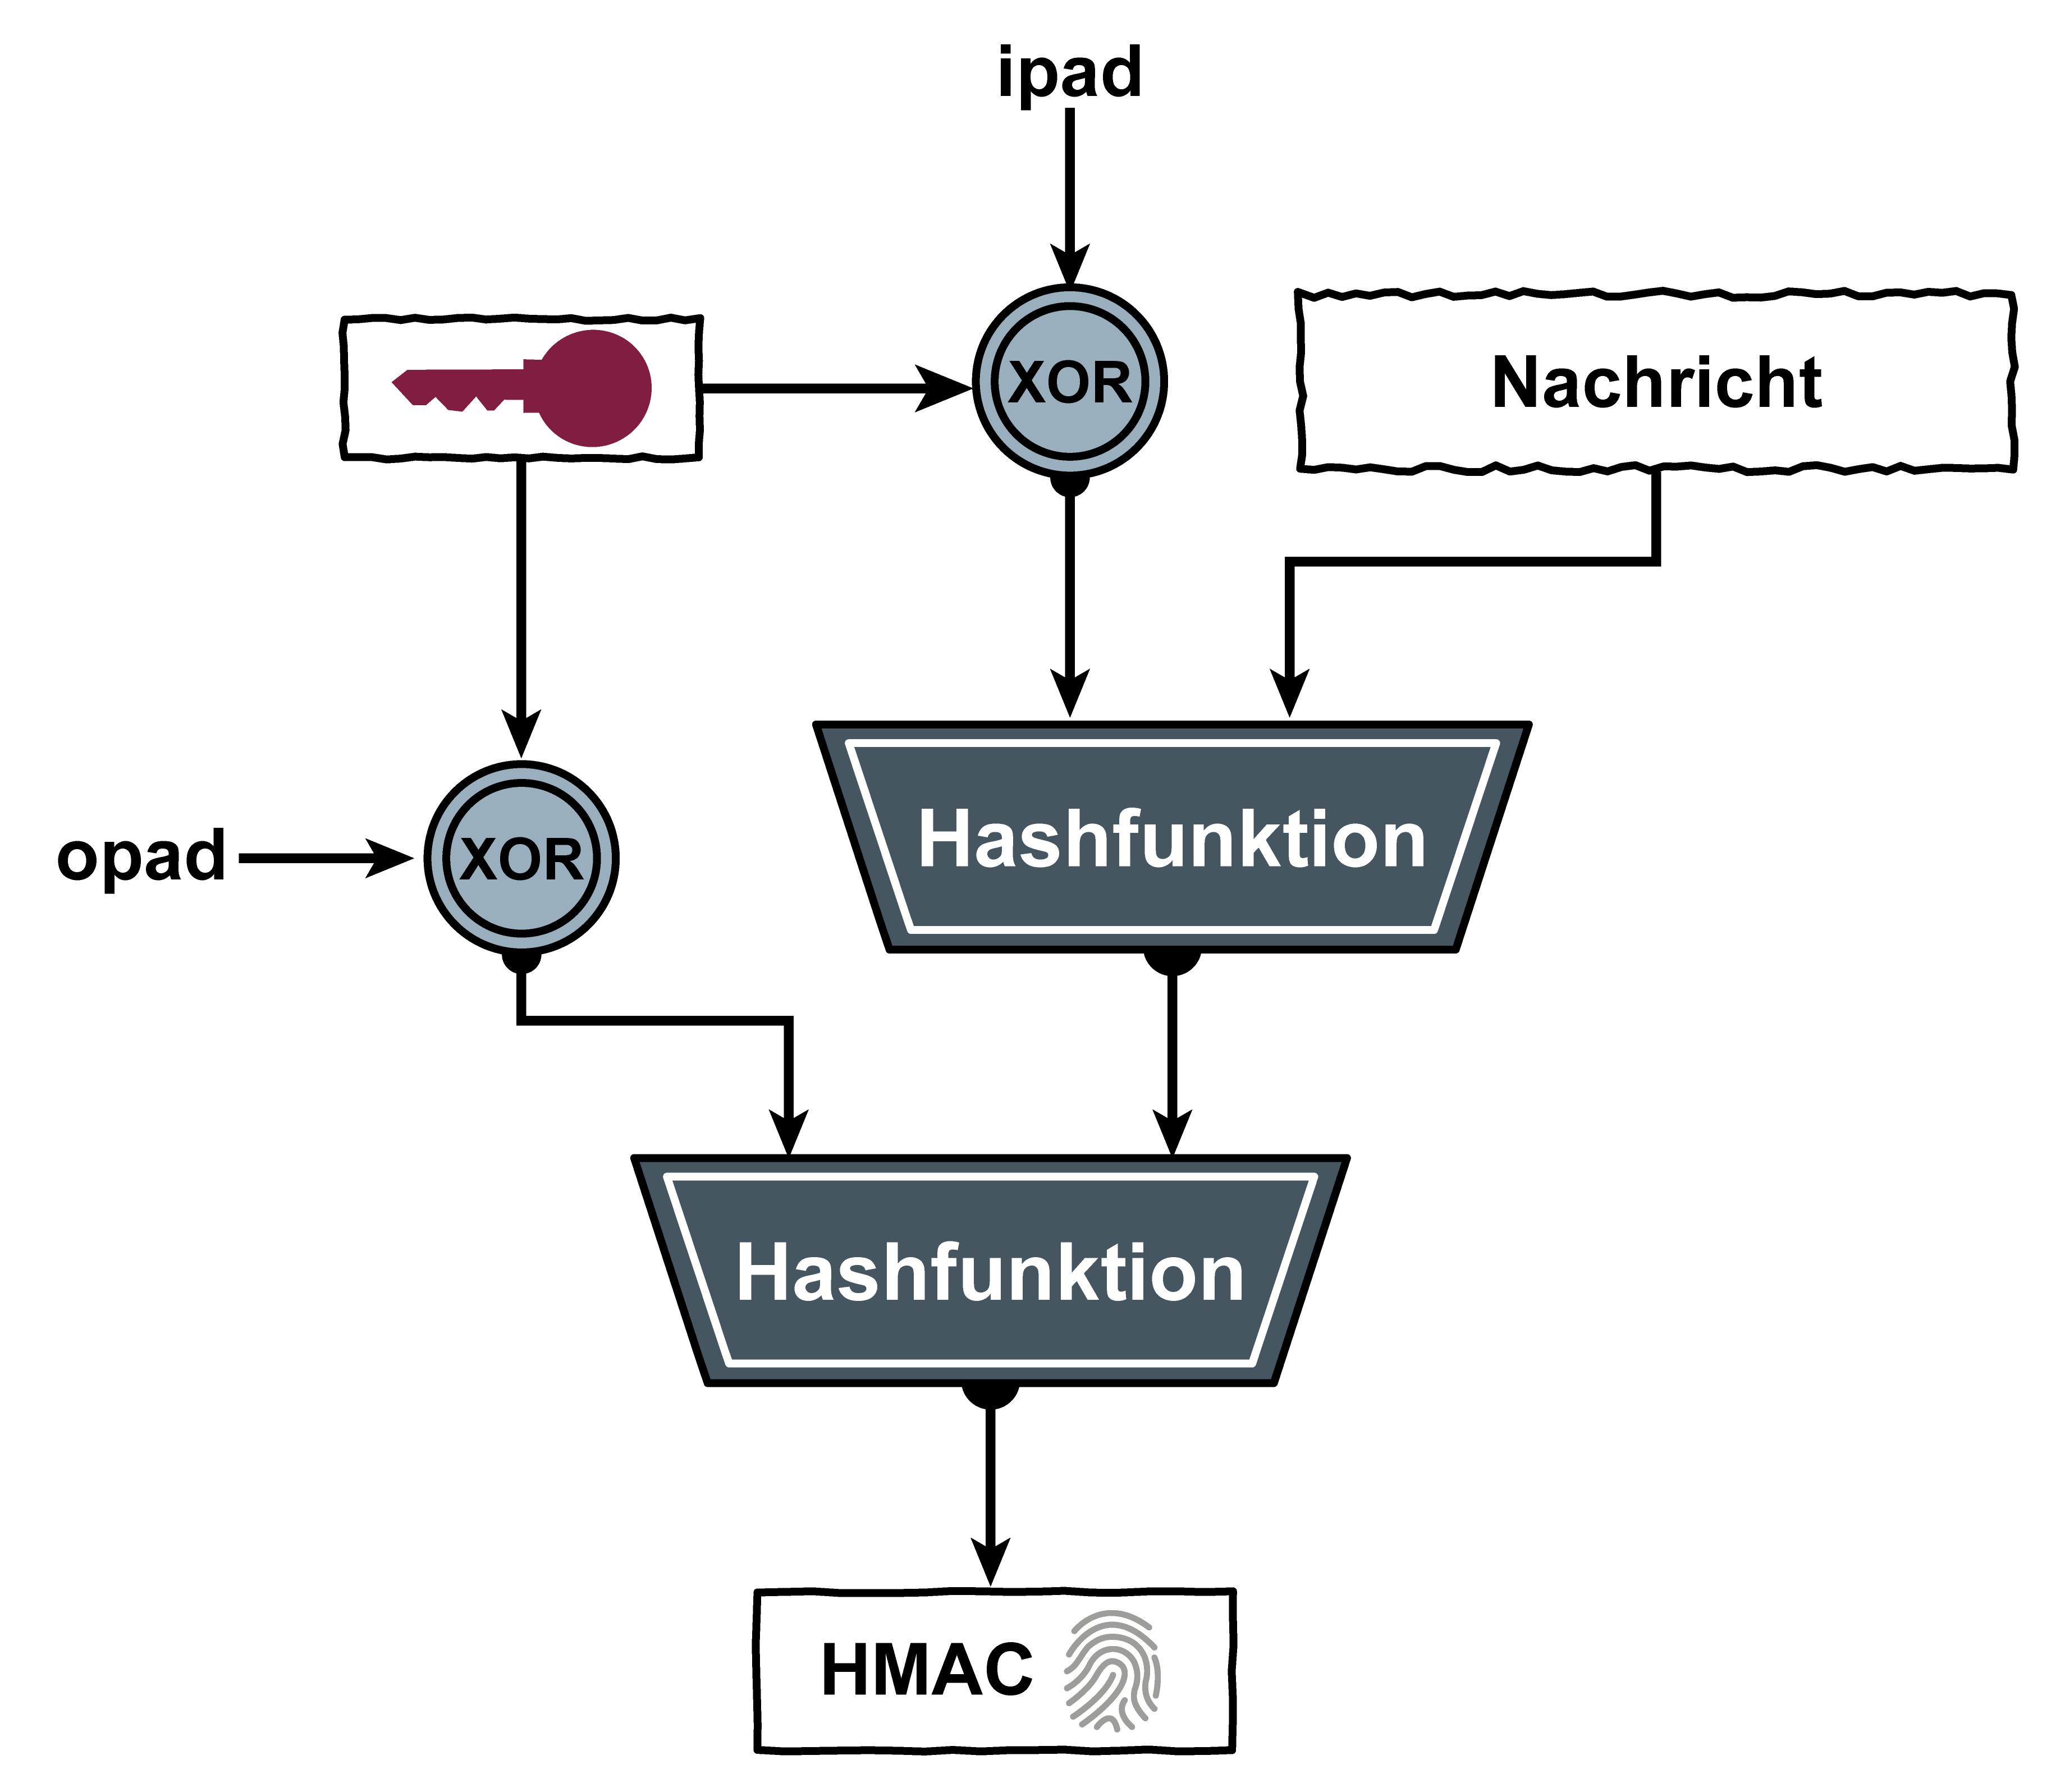 Symbol für Keyed-Hashing for Message Authentication (HMAC) - Glossar Cyber-Sicherheit - Prof. Norbert Pohlmann